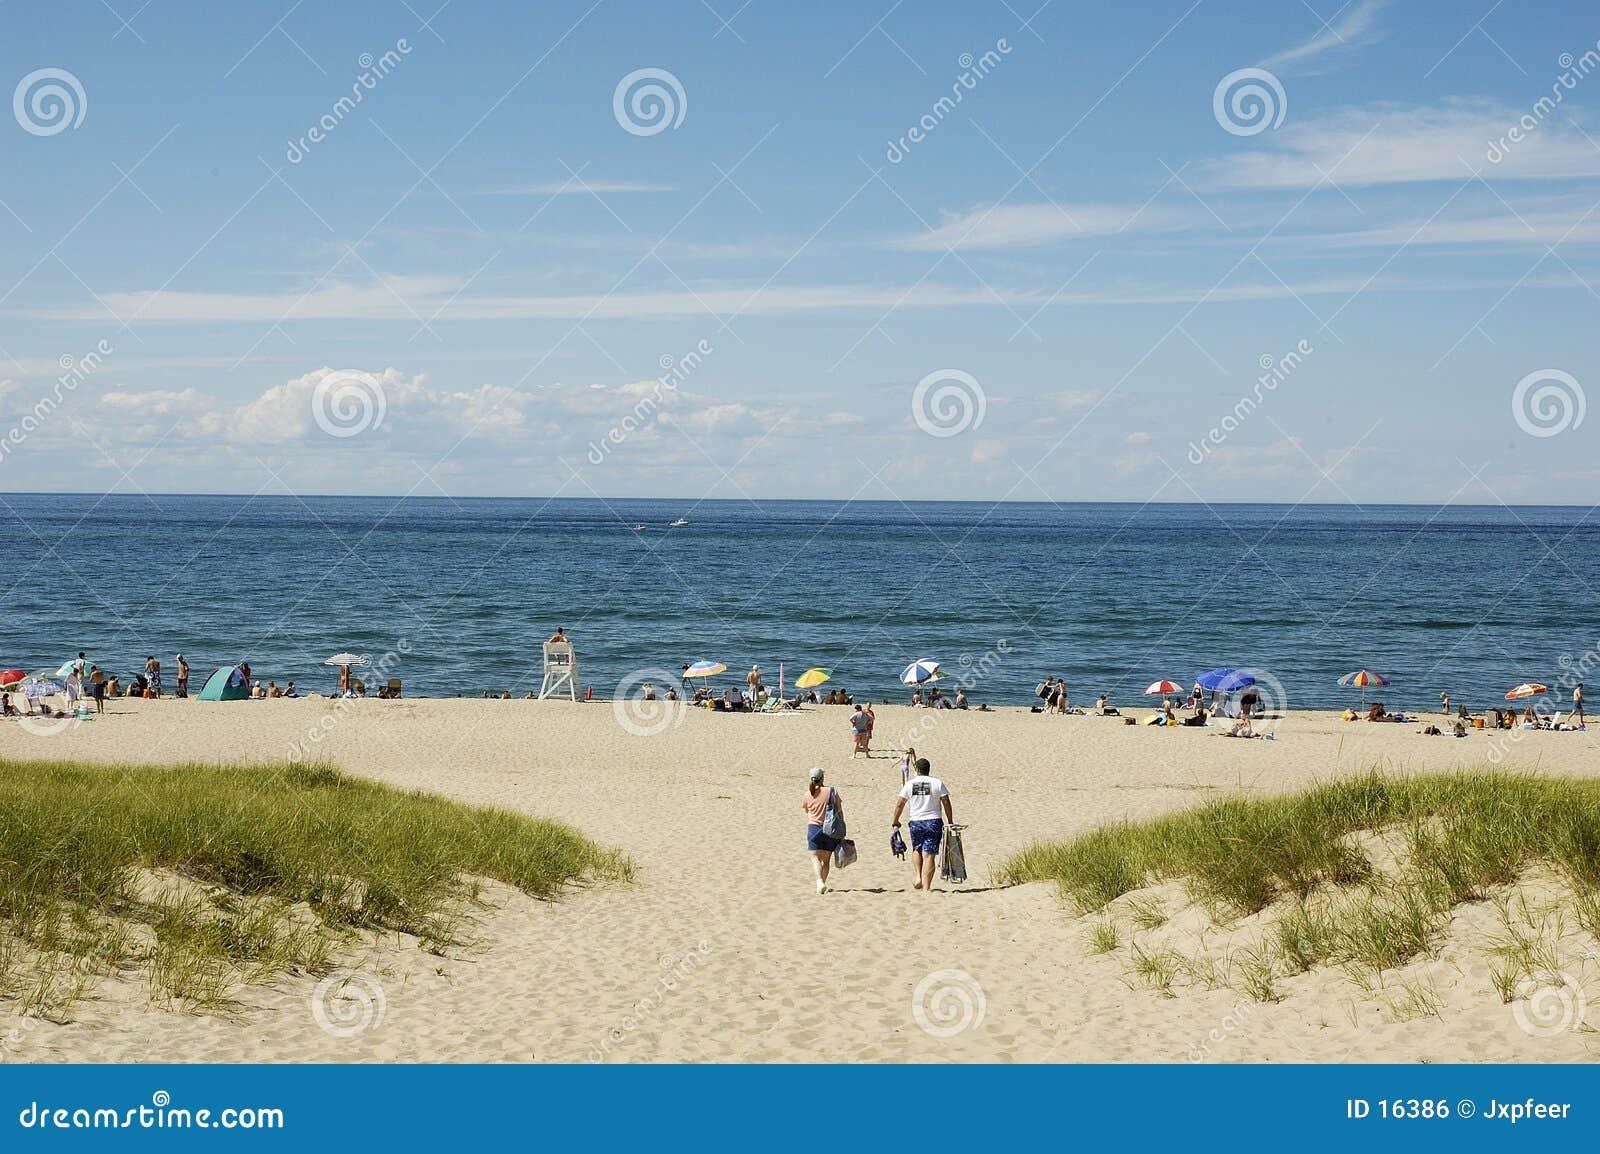 Beach in Ptown